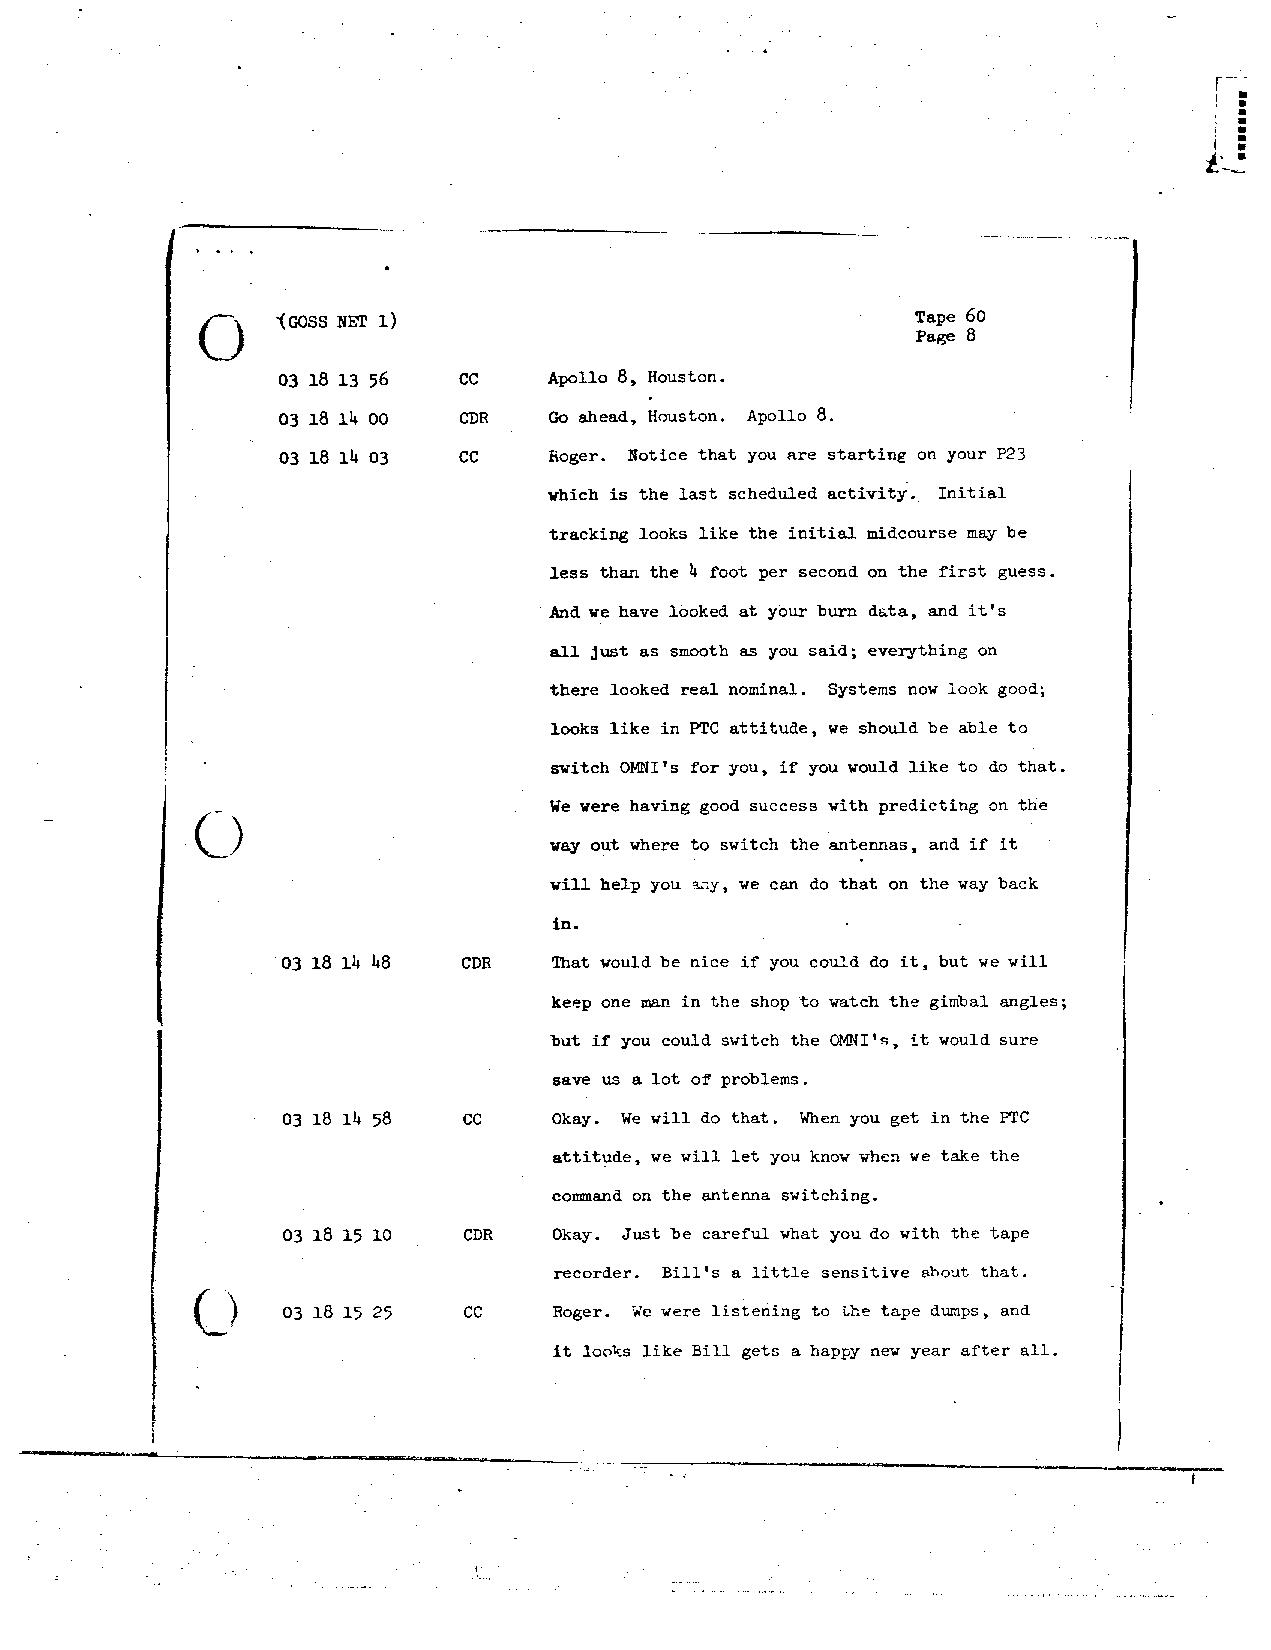 Page 483 of Apollo 8's original transcript